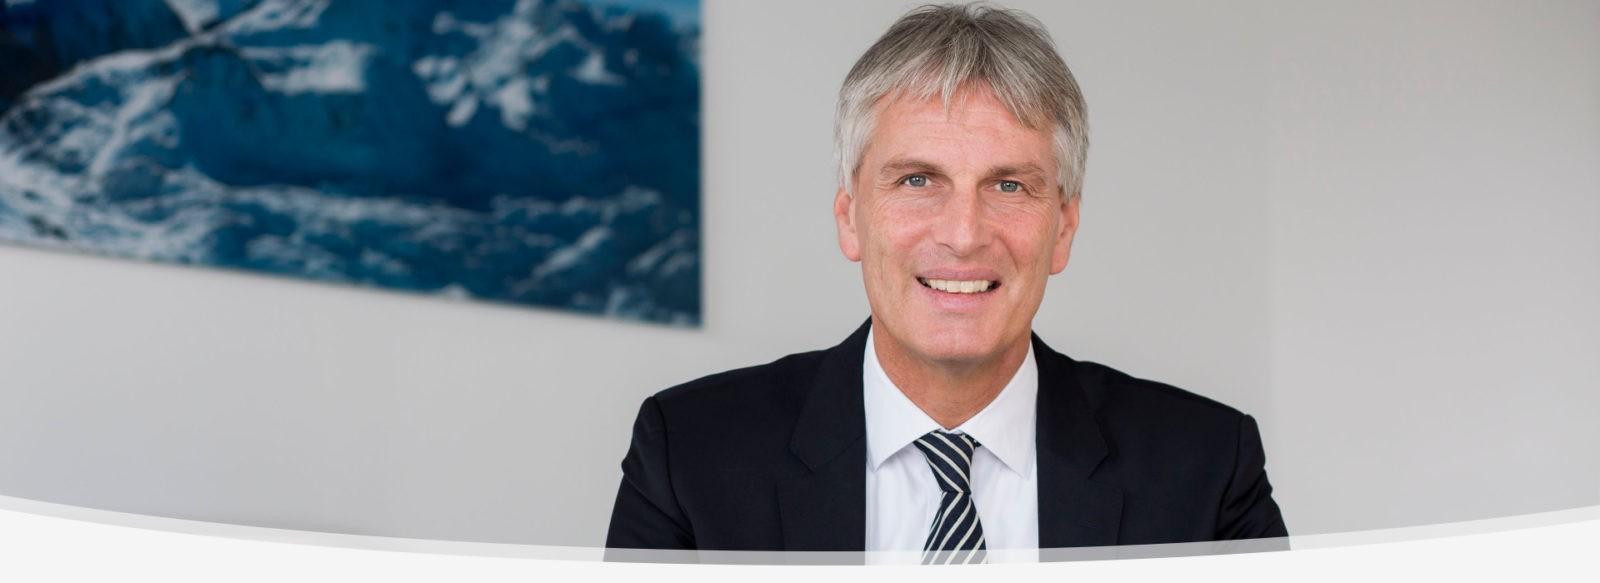 Rechtsanwalt Preiss aus München